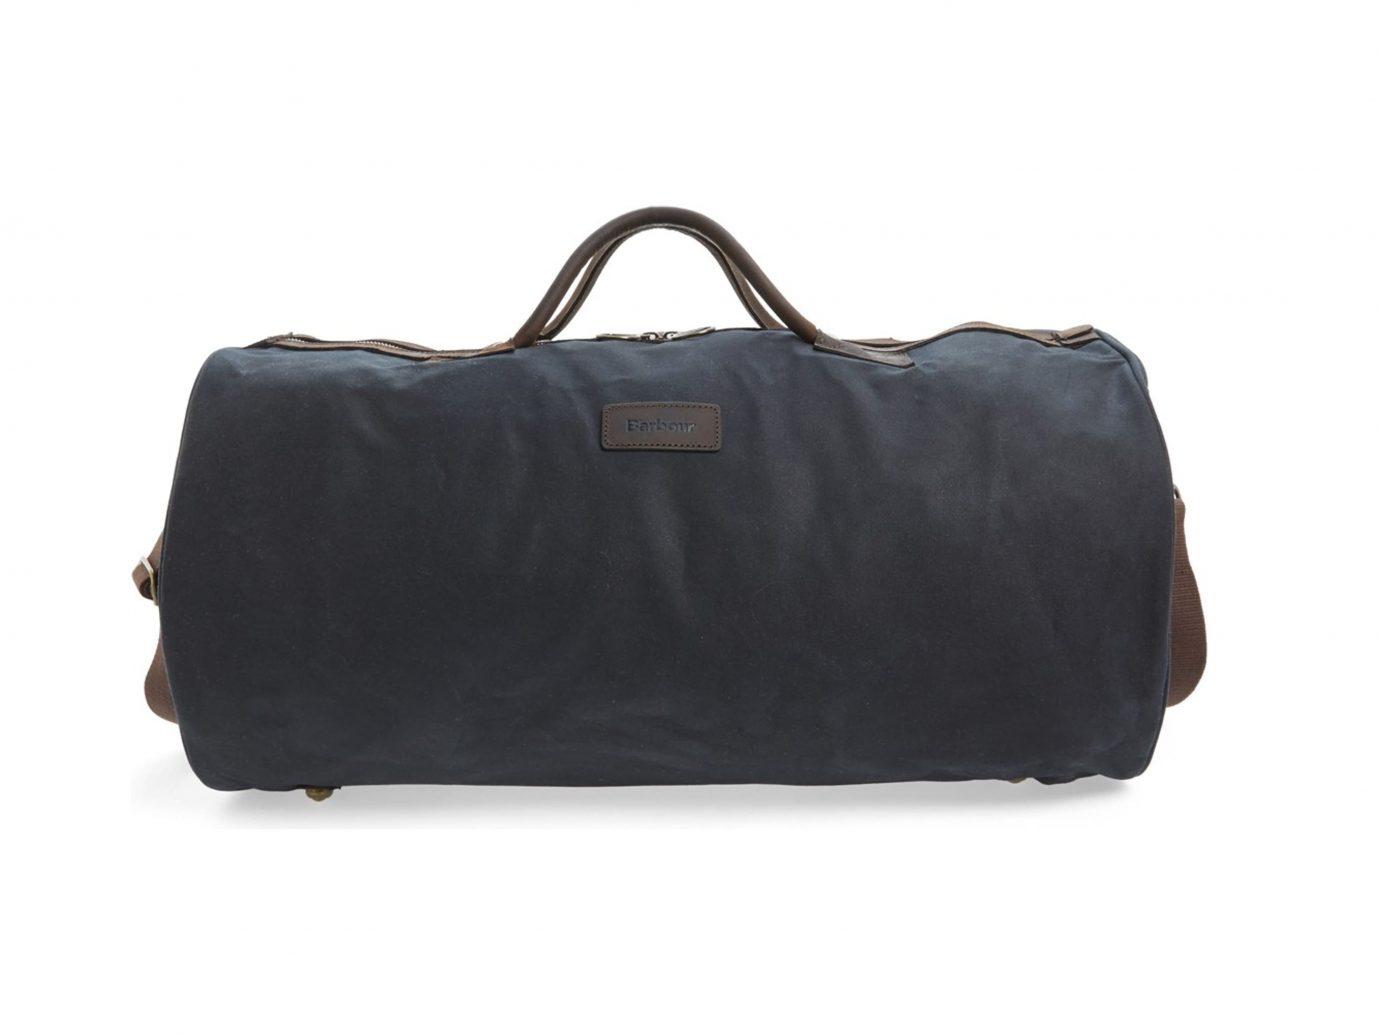 Barbour Duffle Bag